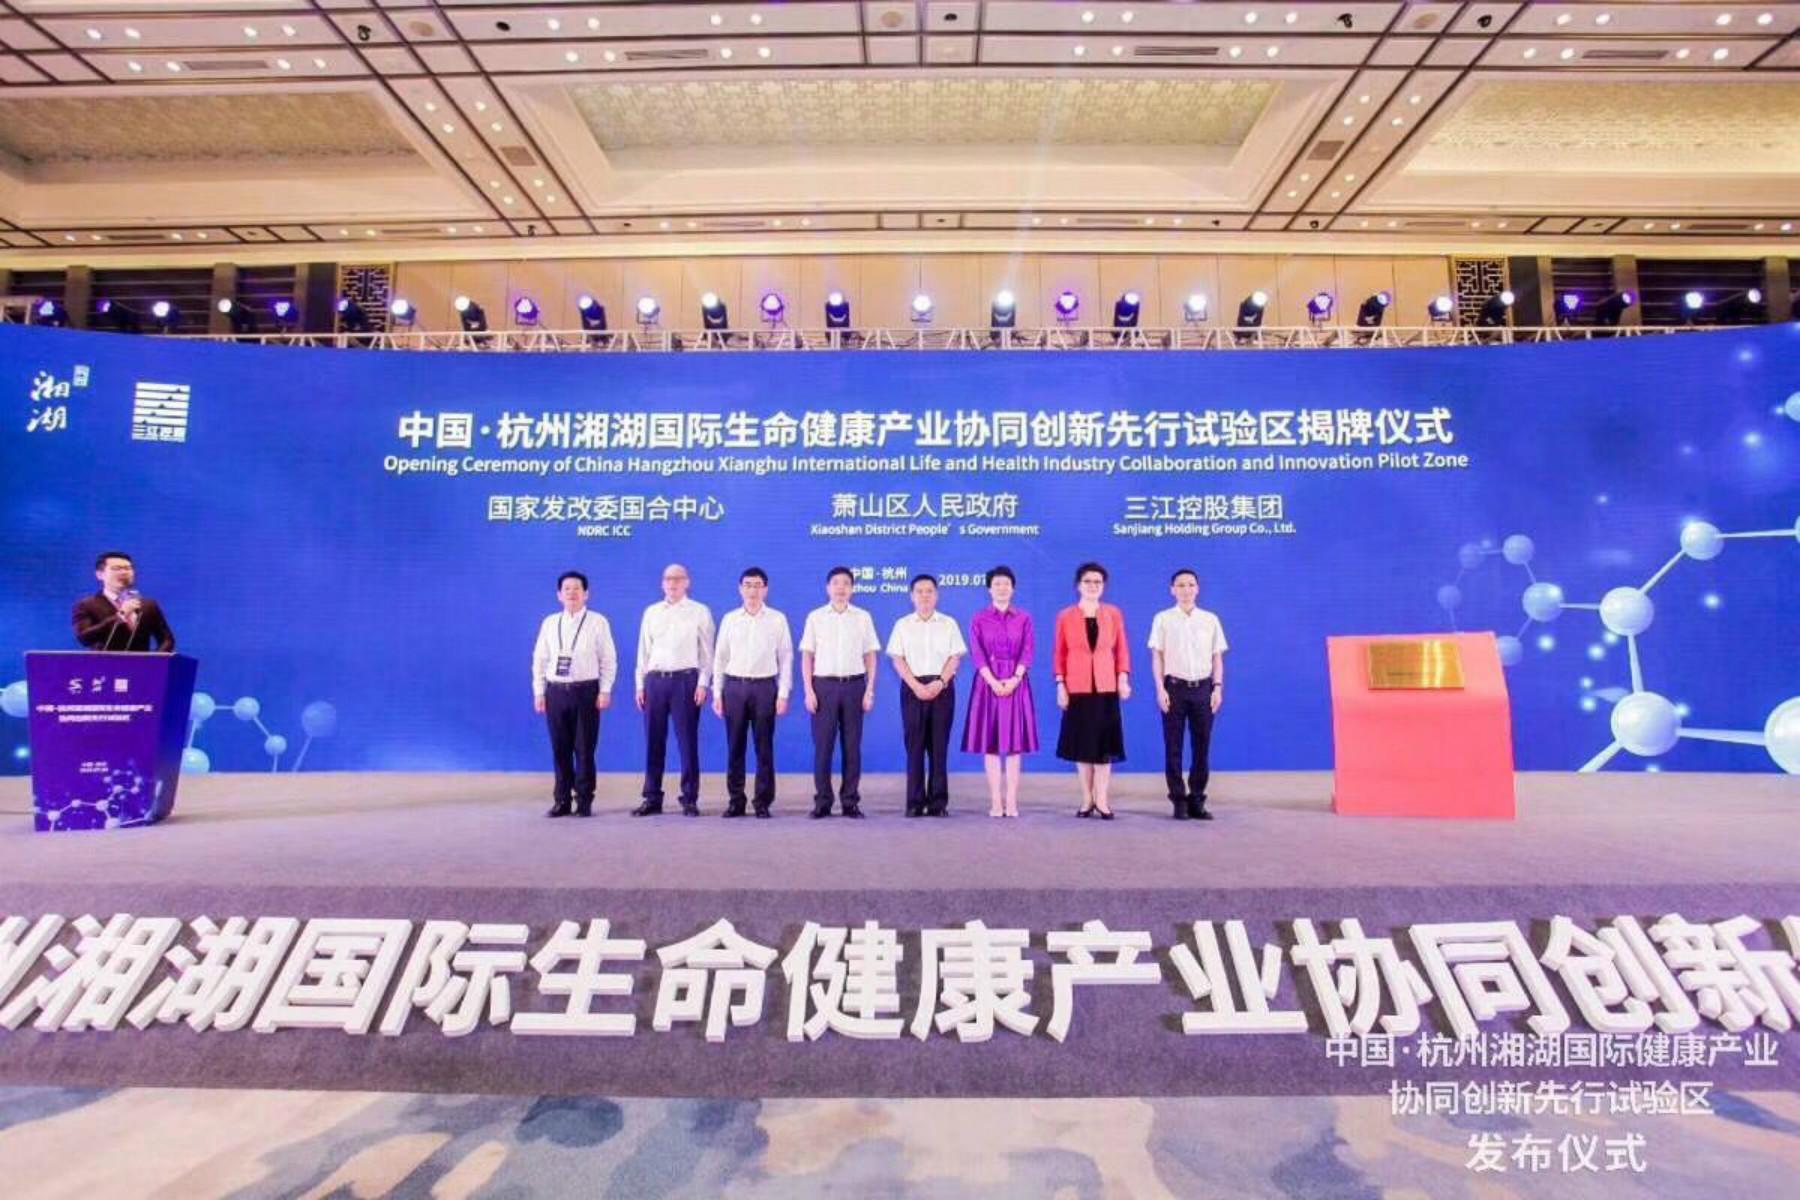 【媒体邀请-杭州】中国·杭州湘湖国际生命健康产业协同创新先行试验区启动仪式